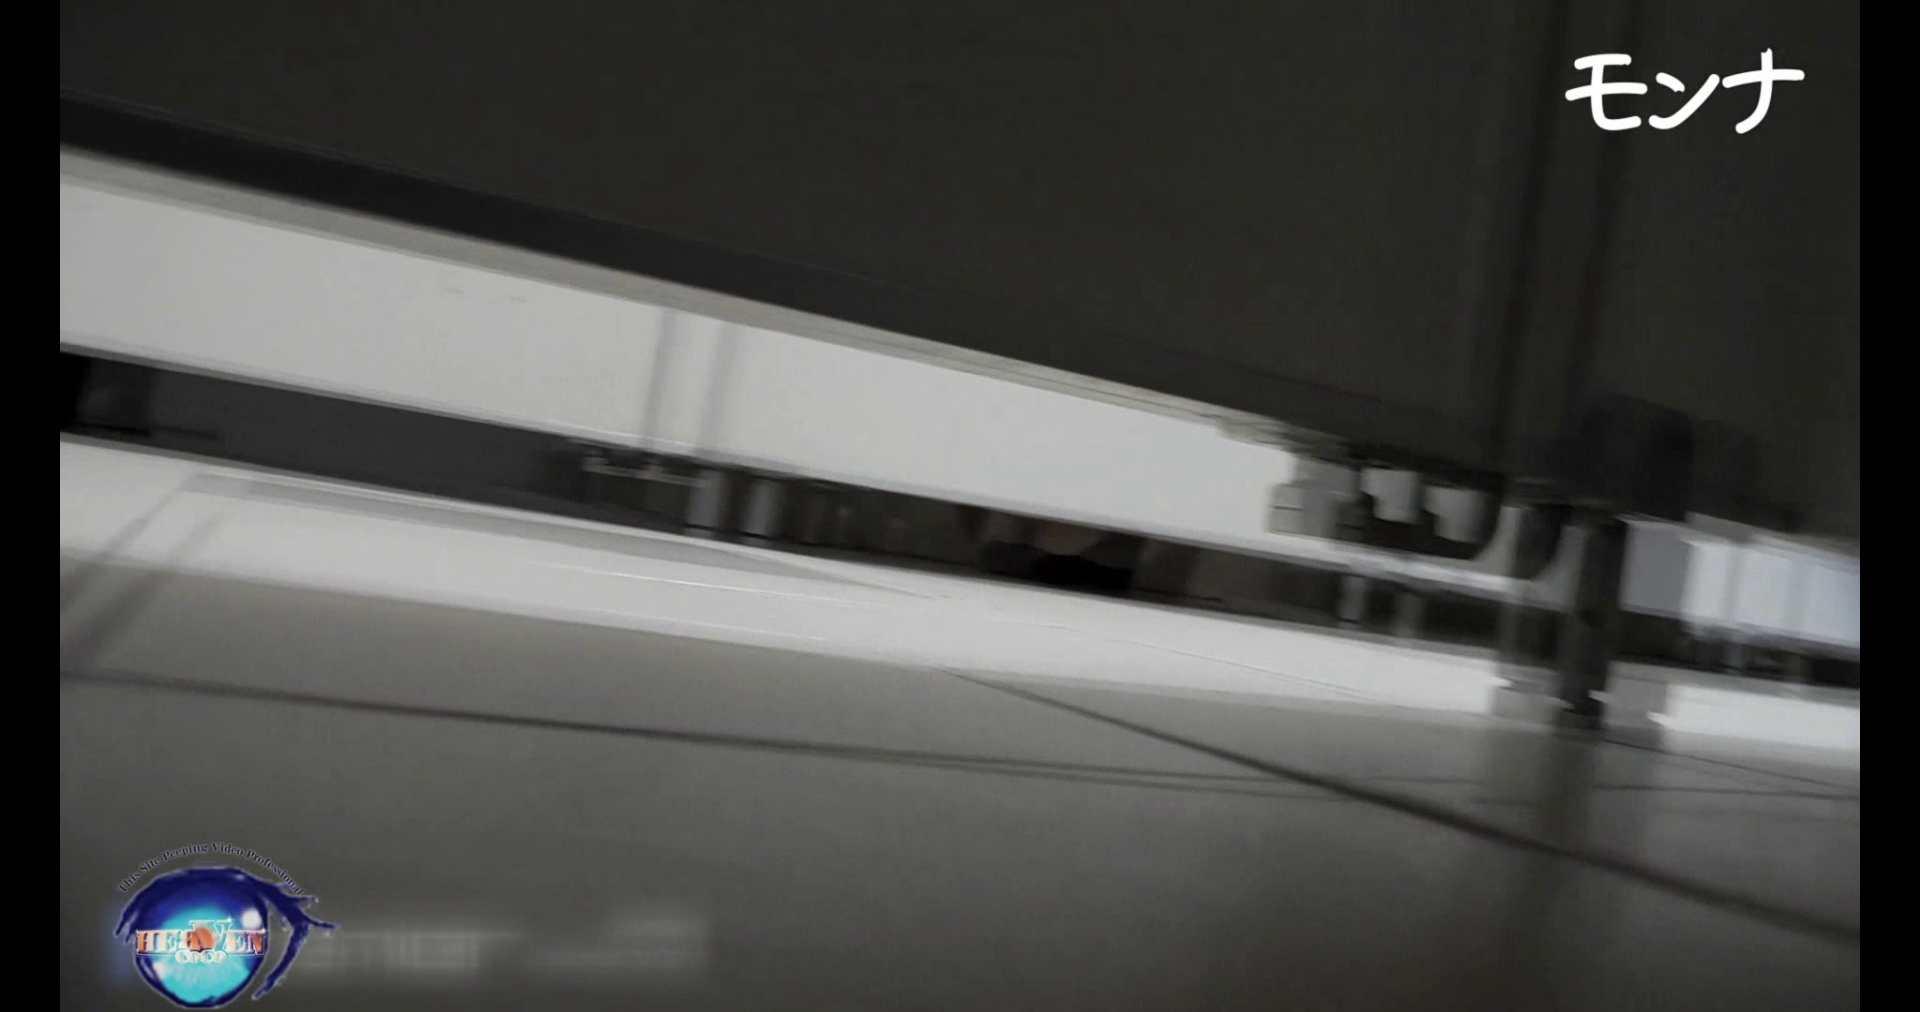 美しい日本の未来 No.92後編 おまんこ無修正 AV動画キャプチャ 87画像 68